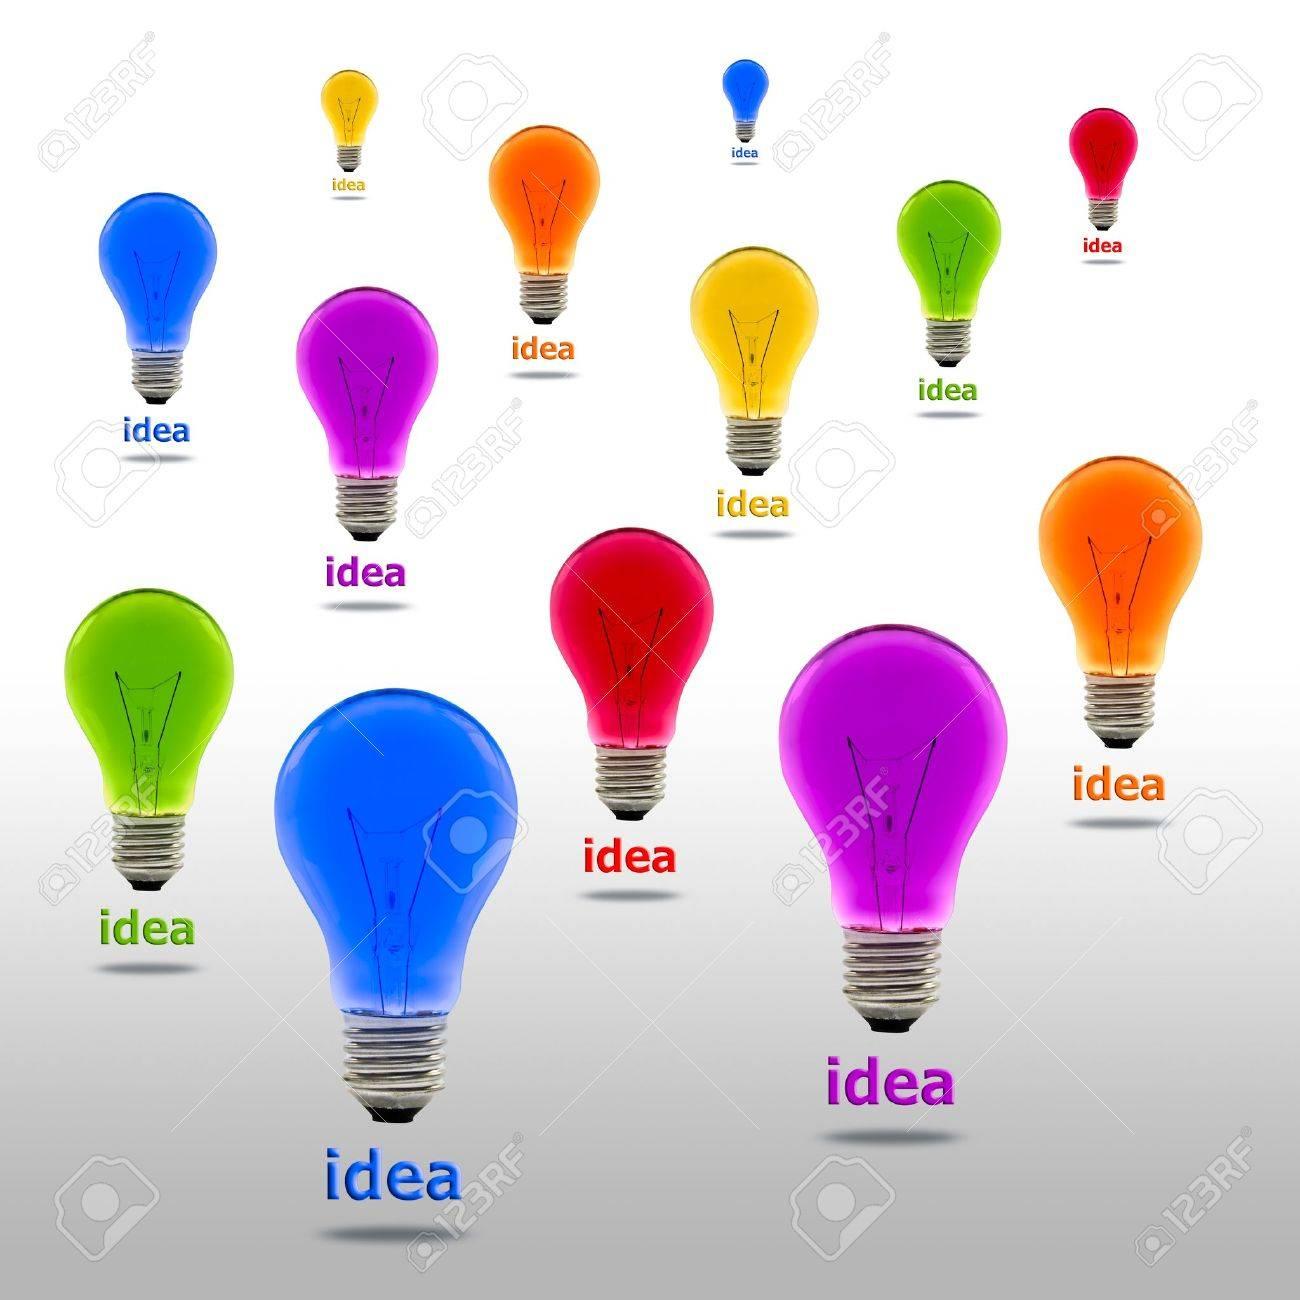 colorful idea light bulb Stock Photo - 11561953